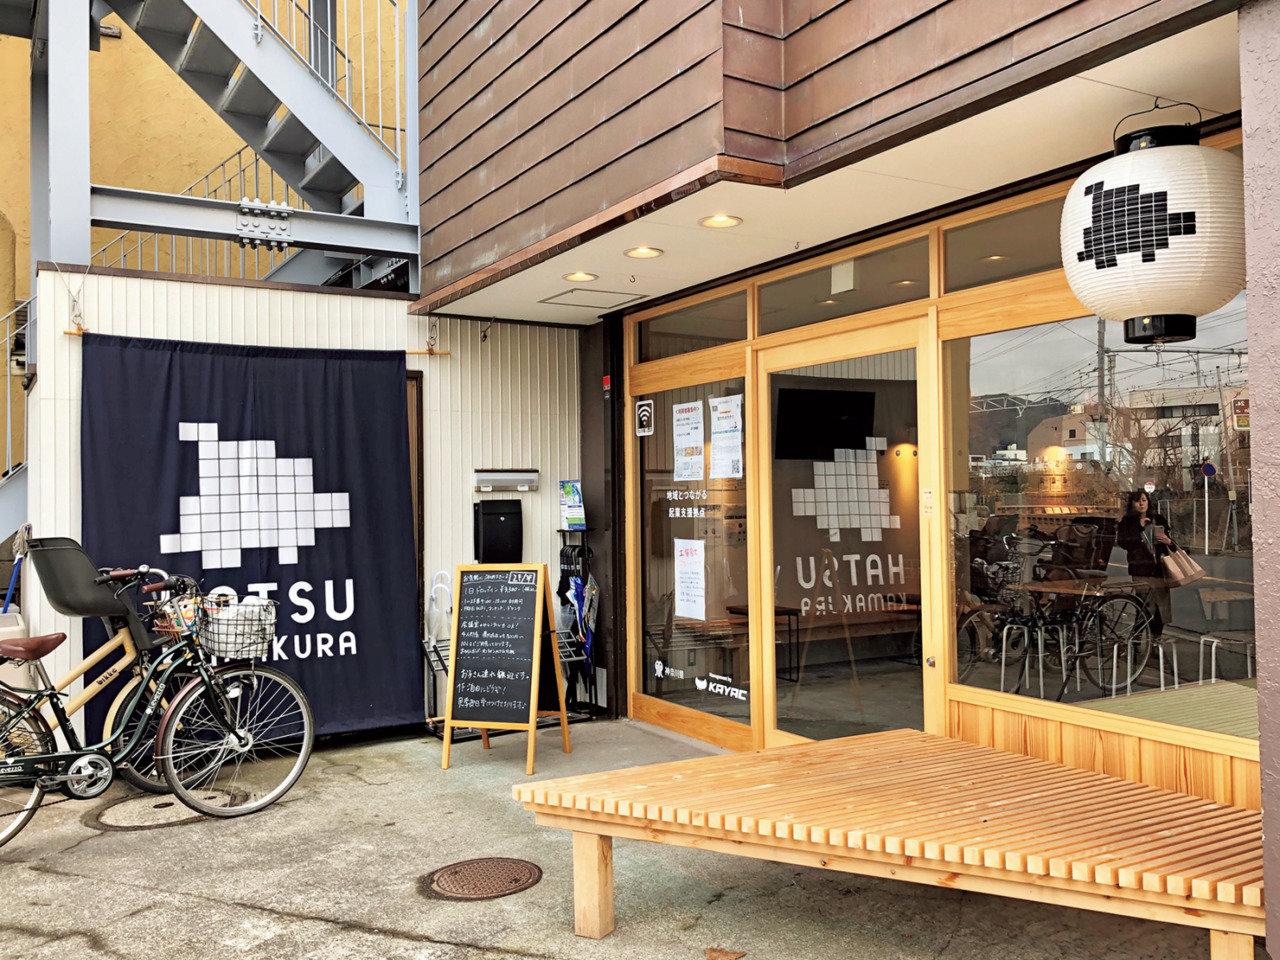 HATSU鎌倉(神奈川県鎌倉市)